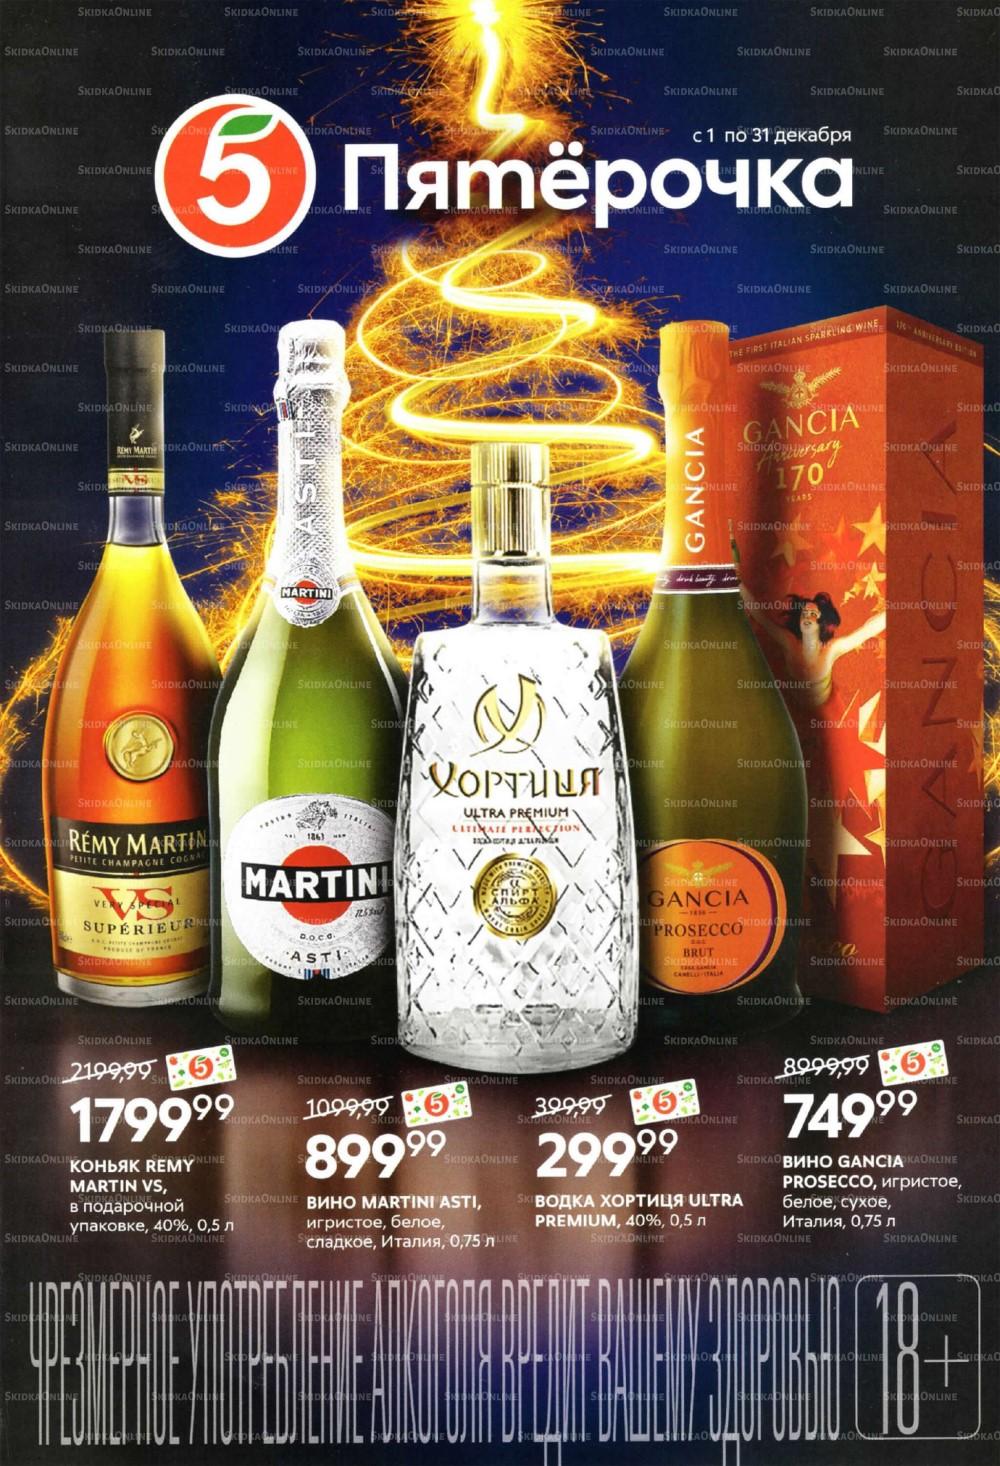 d43979e8762 Алкоголь и спиртные напитки в магазине Пятерочка